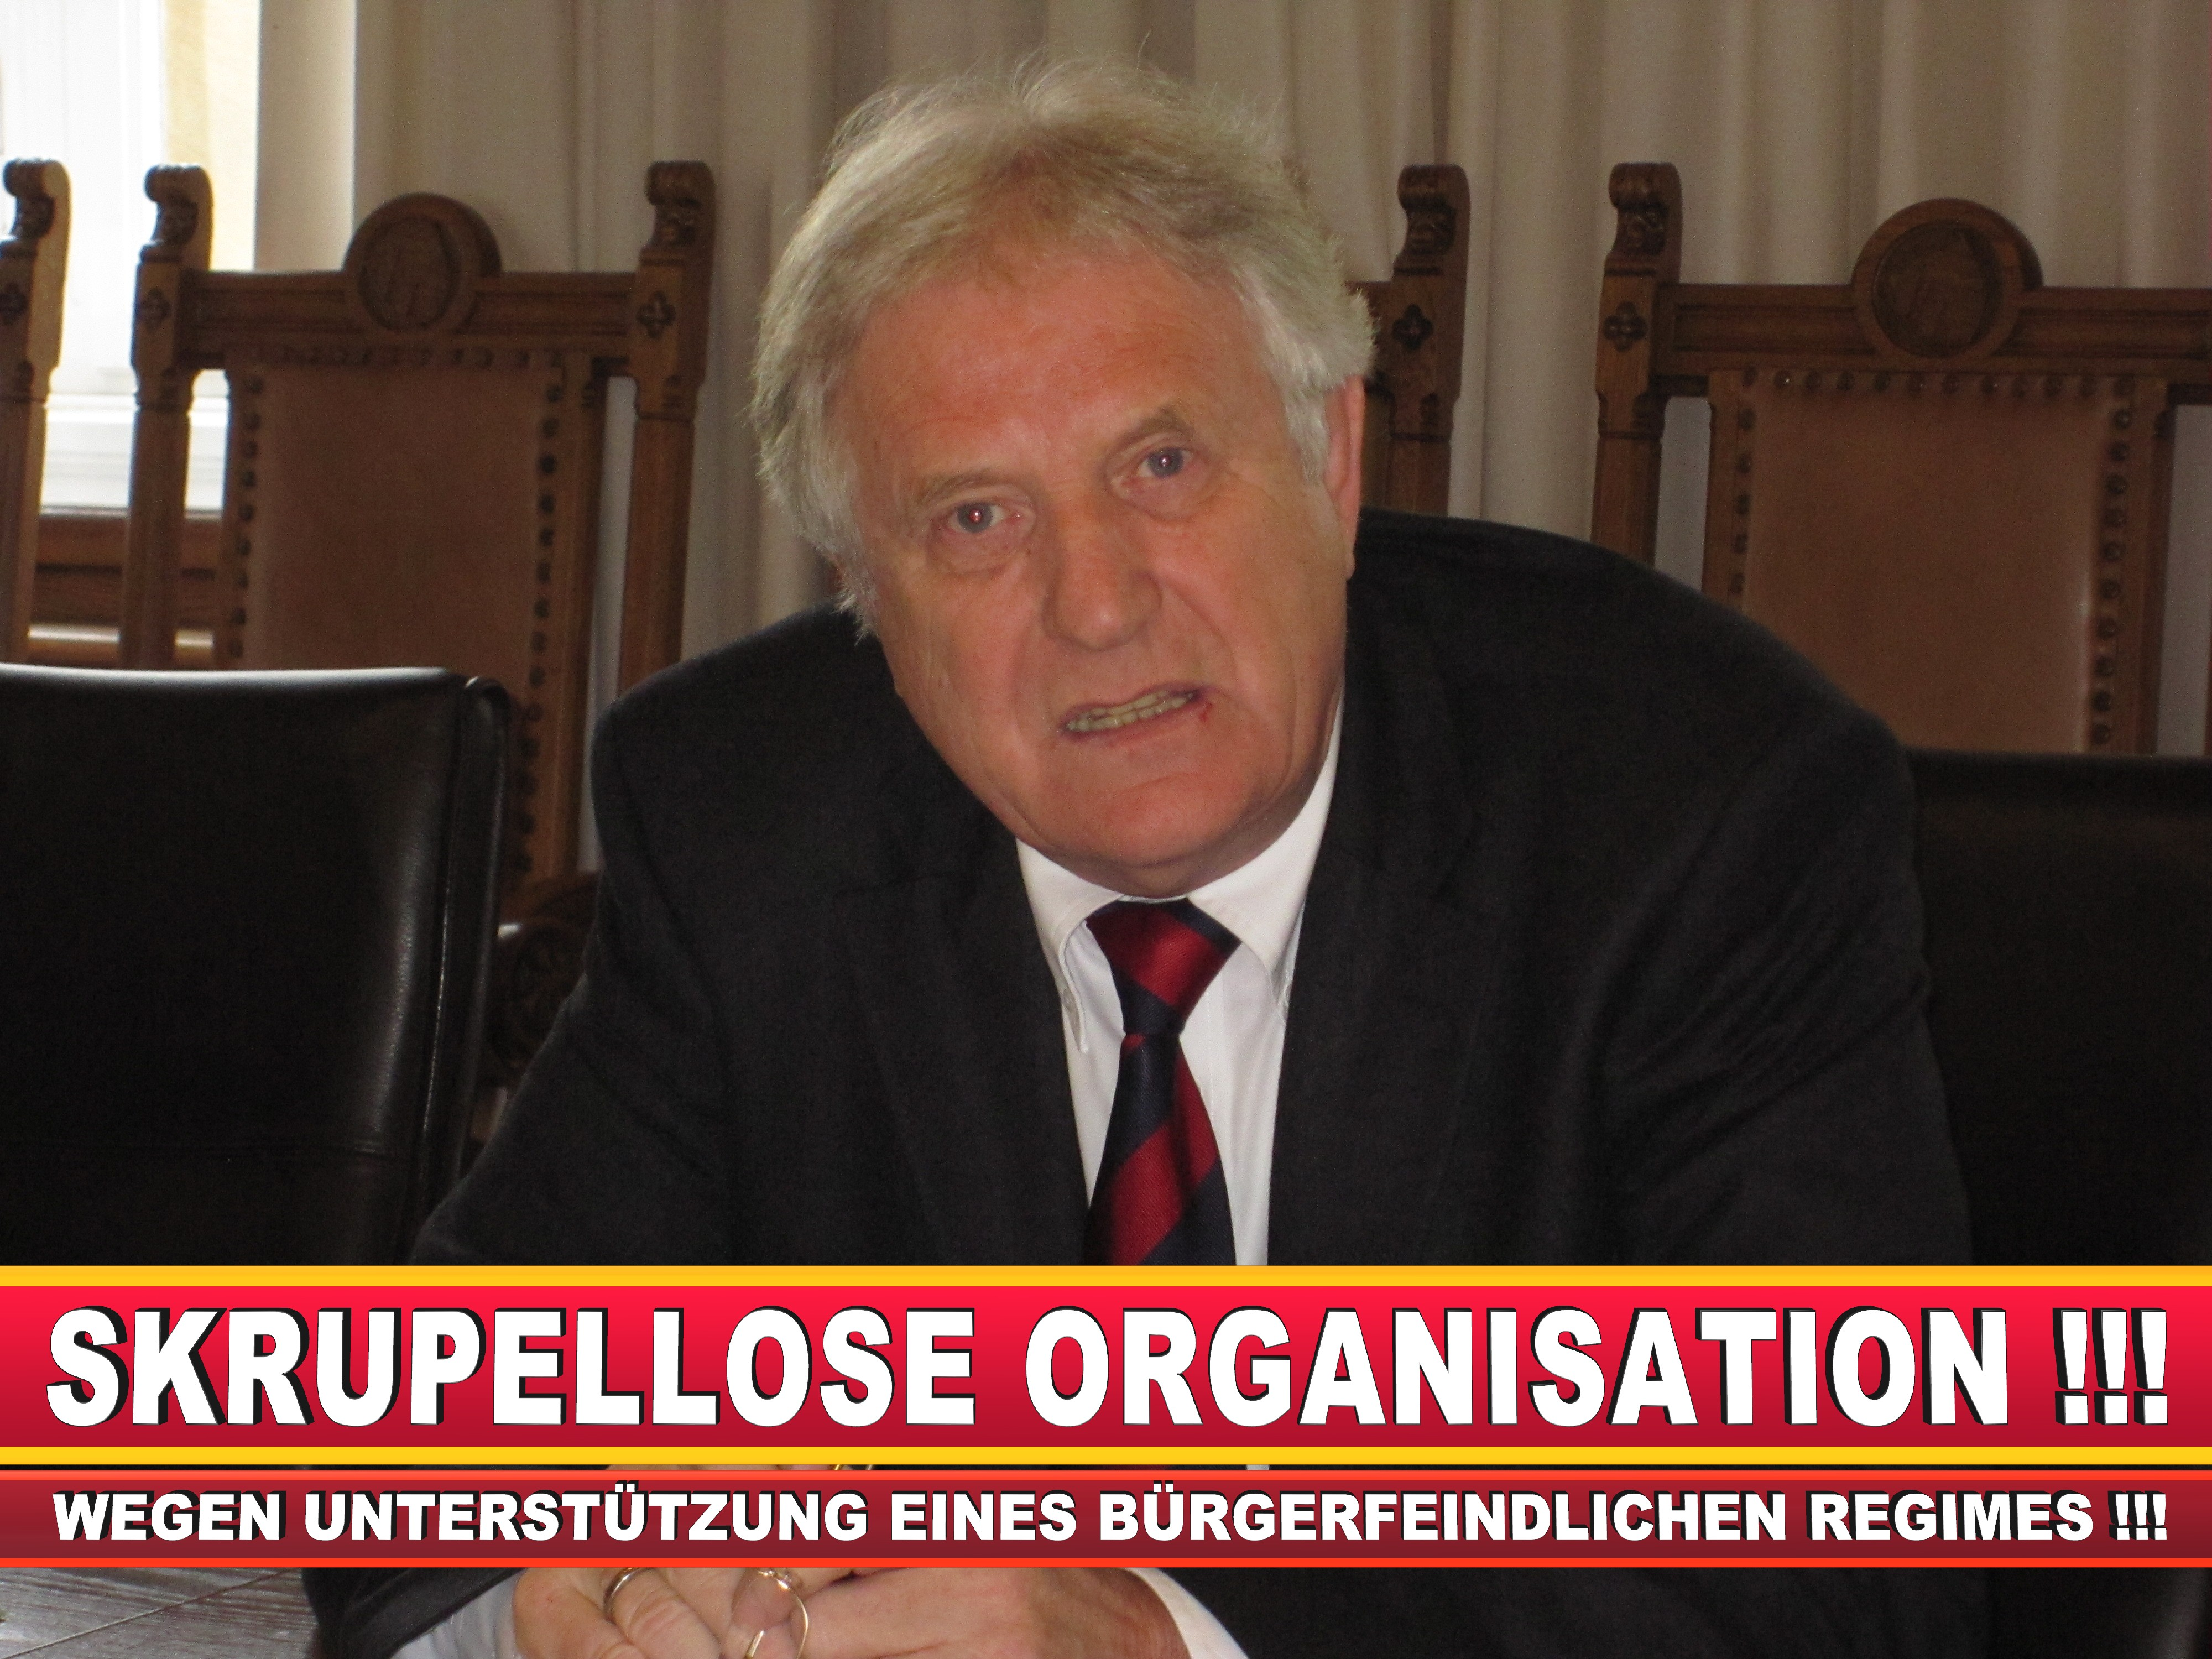 Polizeipräsident Erwin Südfeld Bielefeld Oberbürgermeister Bürgermeister Peter Clausen Pit Clausen Bielefeld (32)